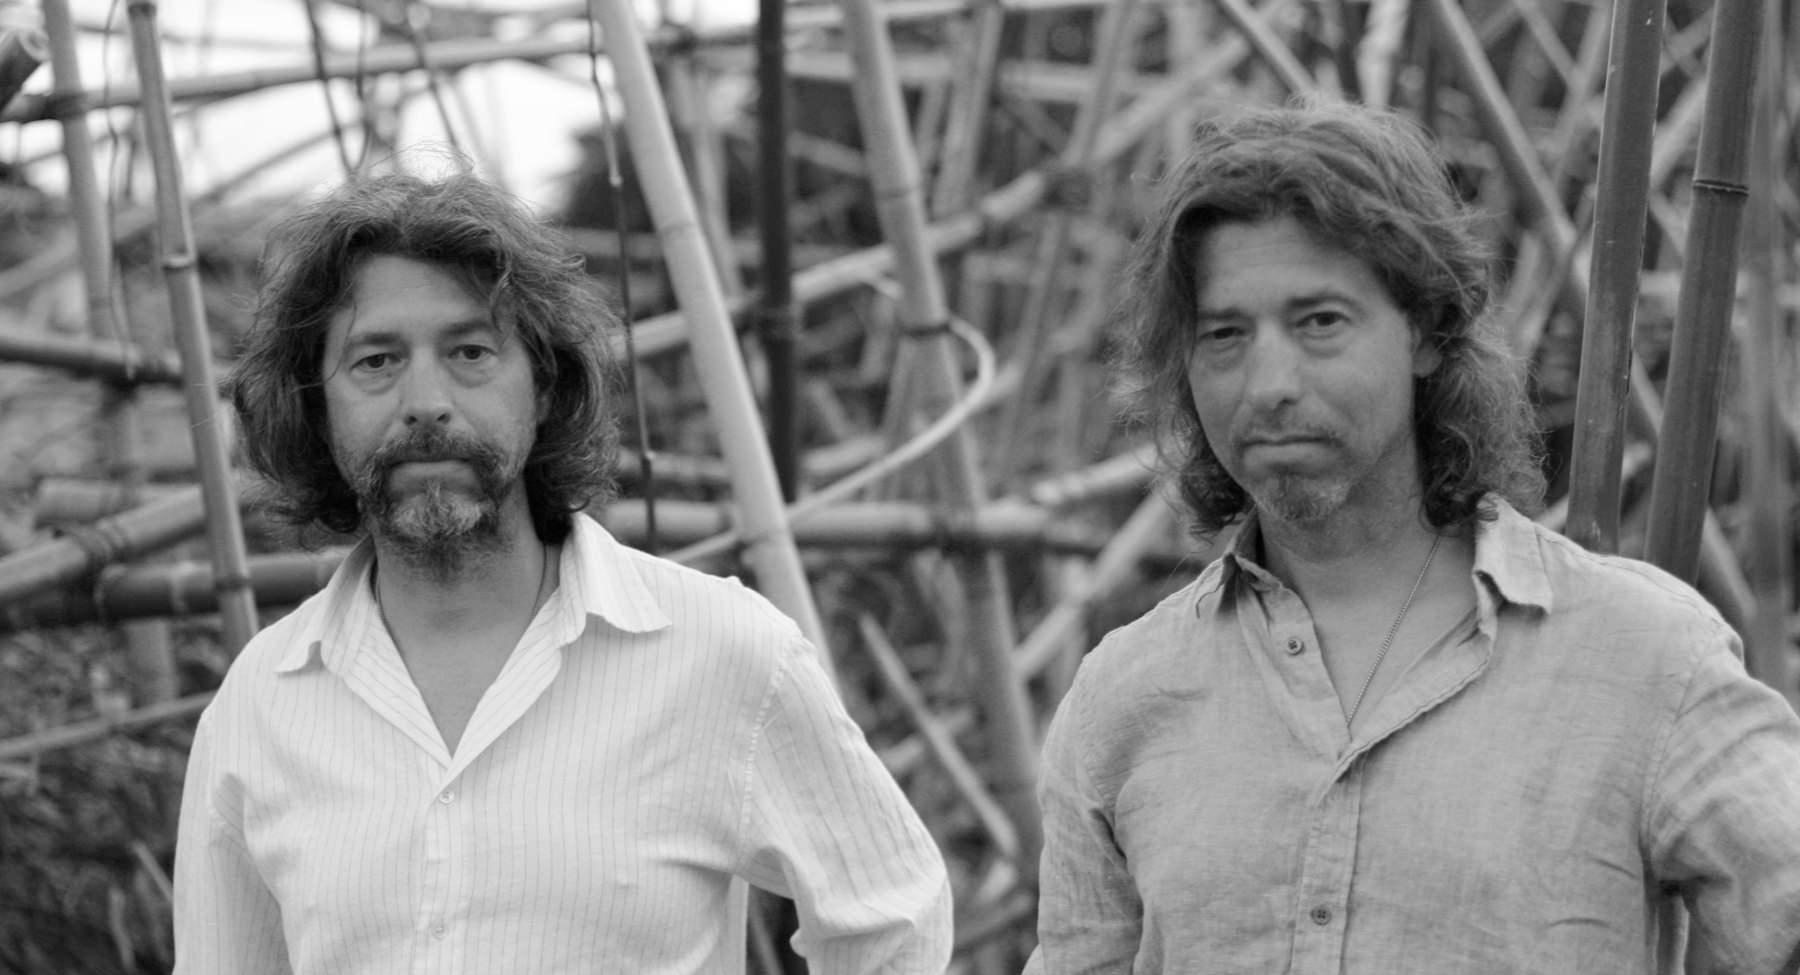 Mike + Doug Starn